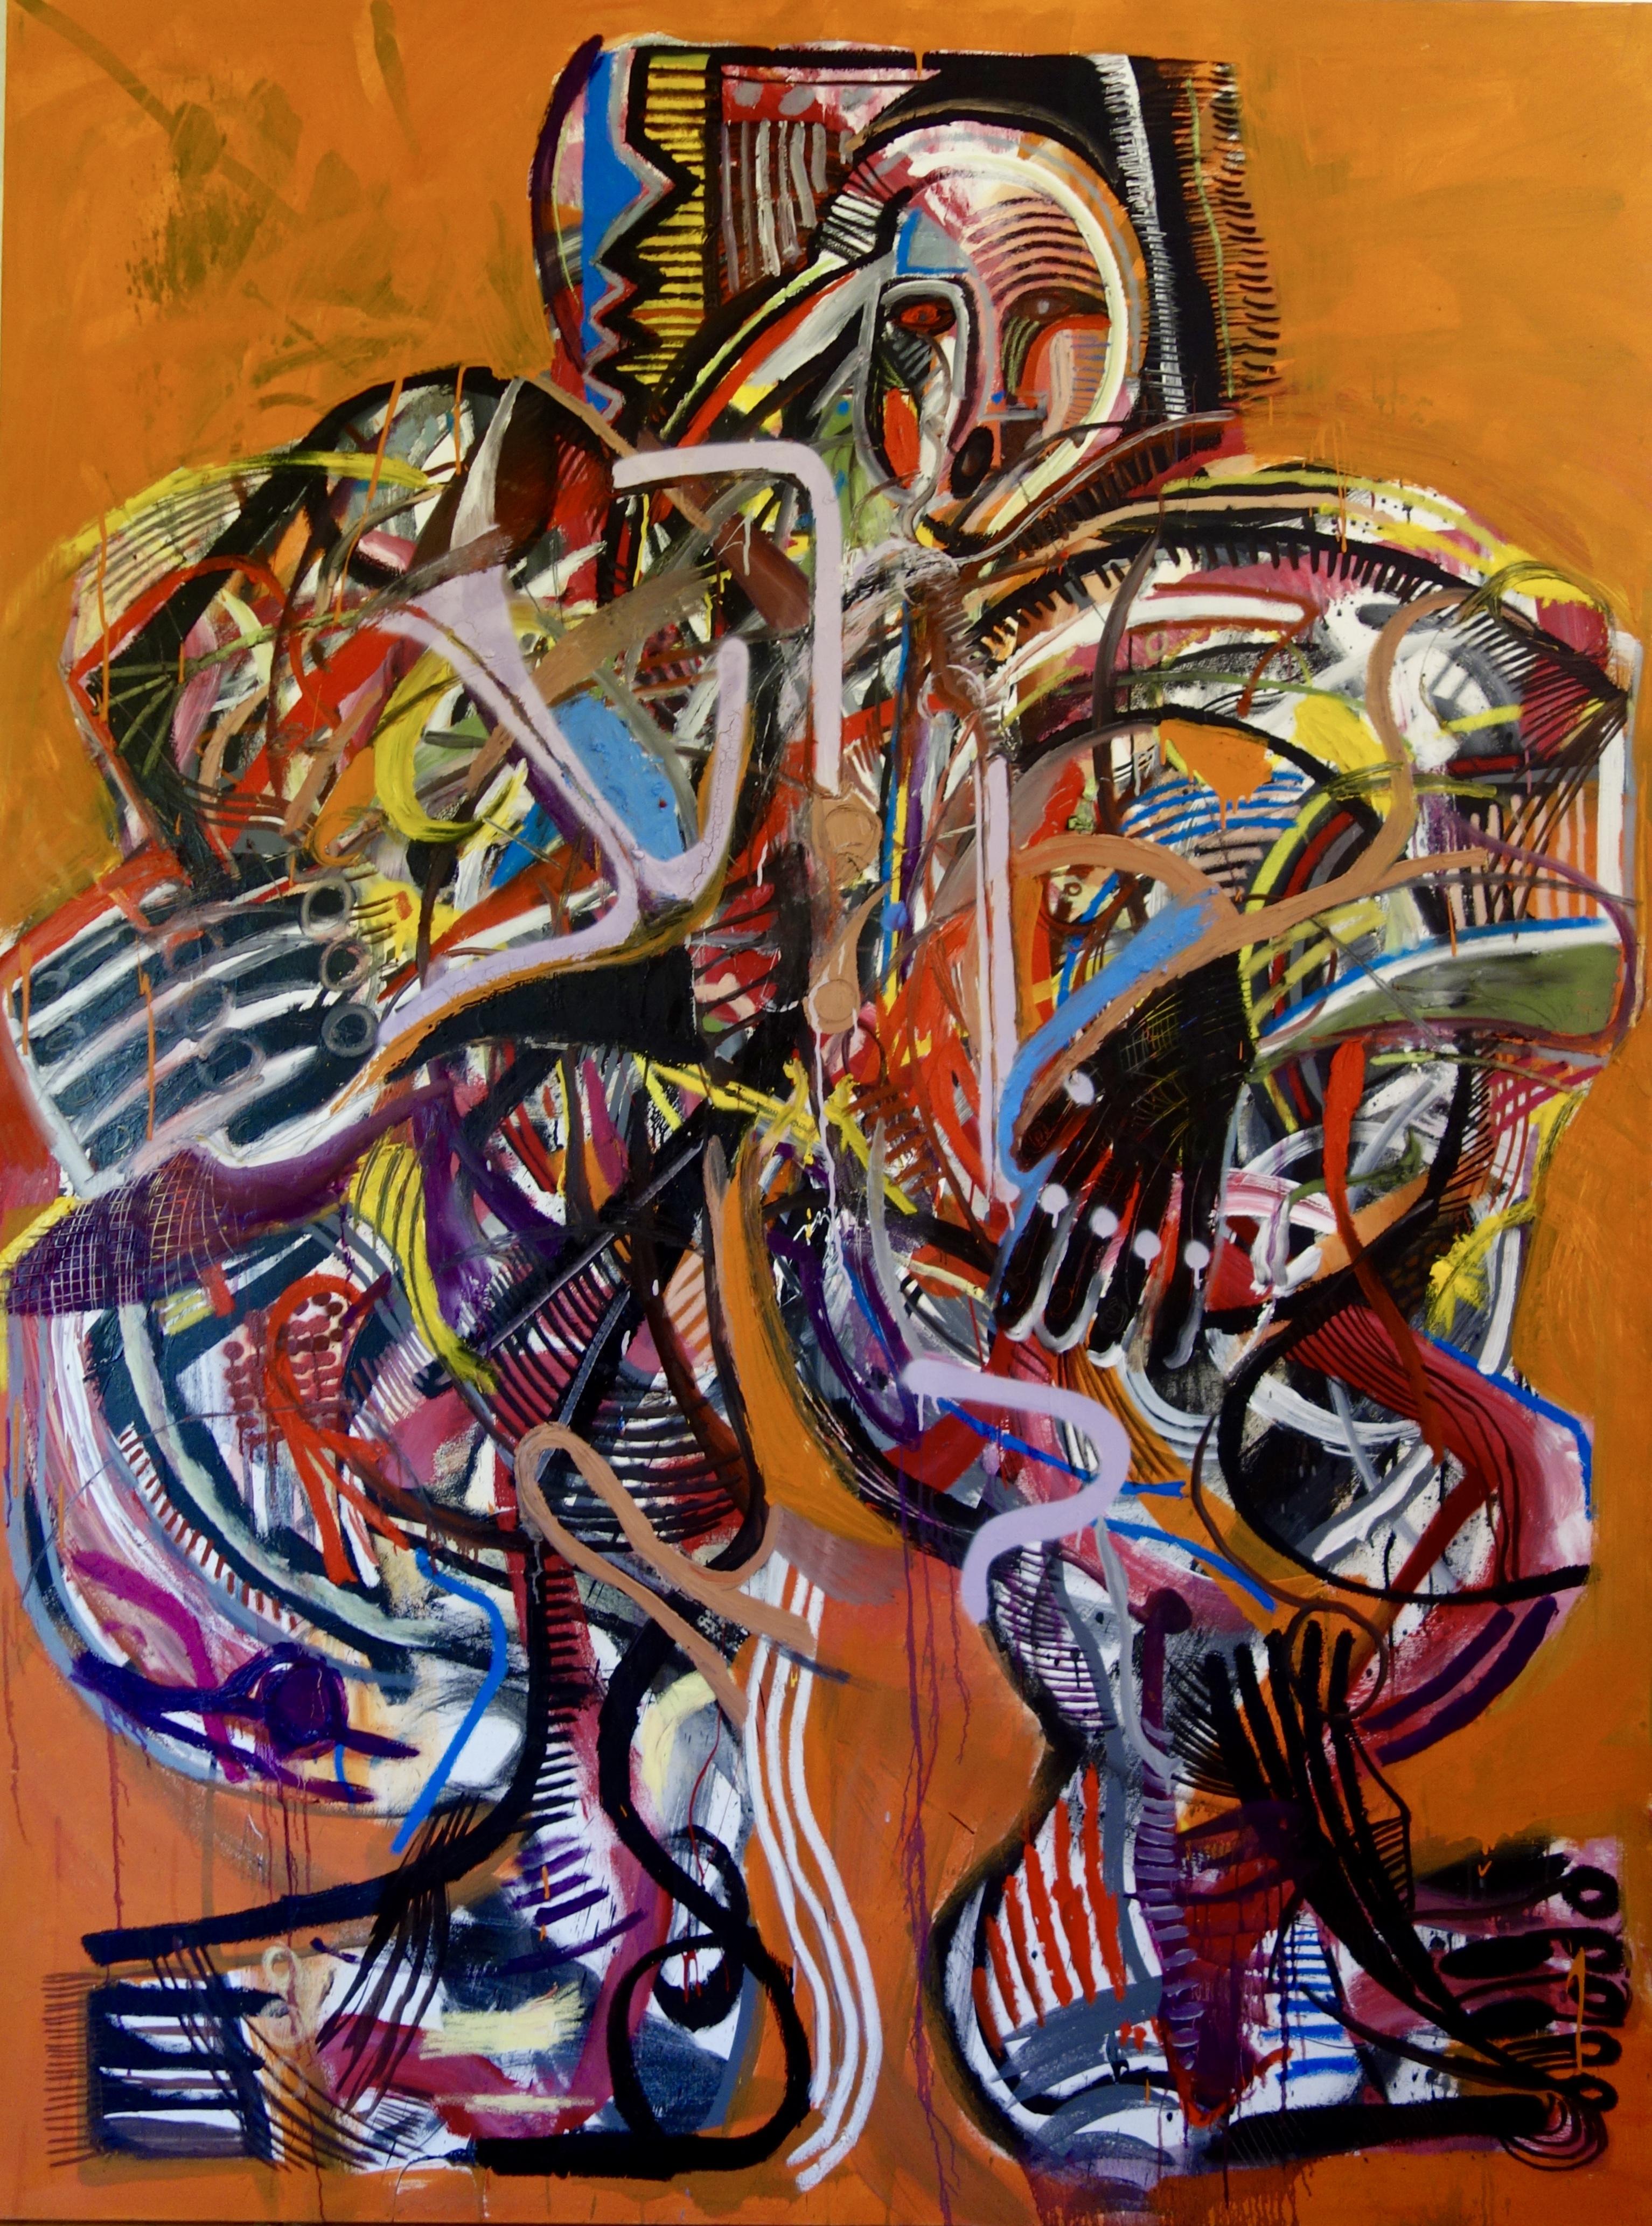 Американський стріт-артист та український митець представлять спільний проект у Києві  - фото 4